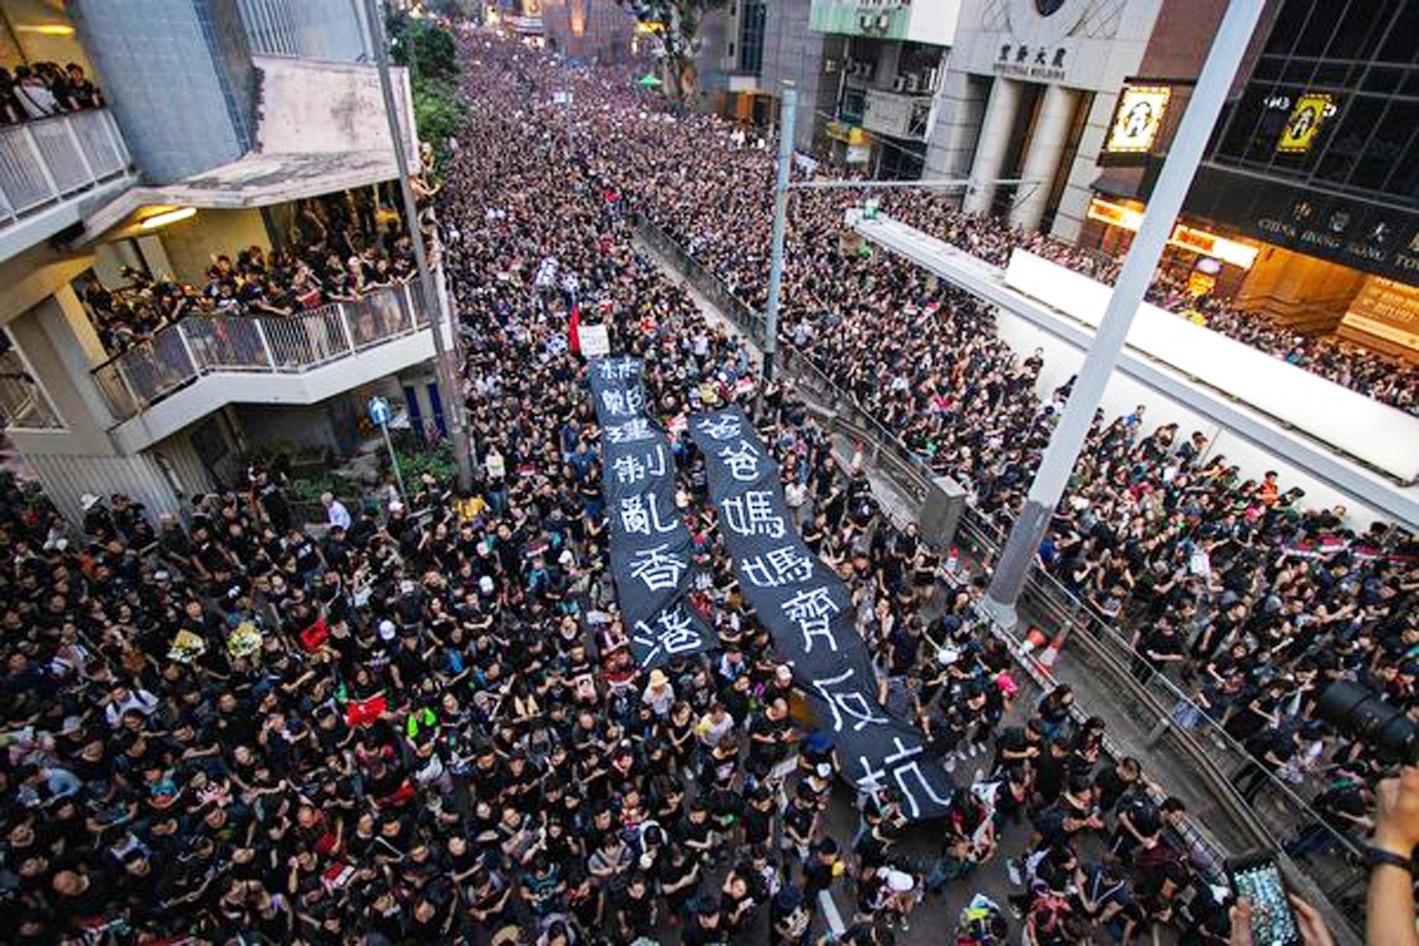 港人連爆抗議活動 傳北京吃驚未獲情報